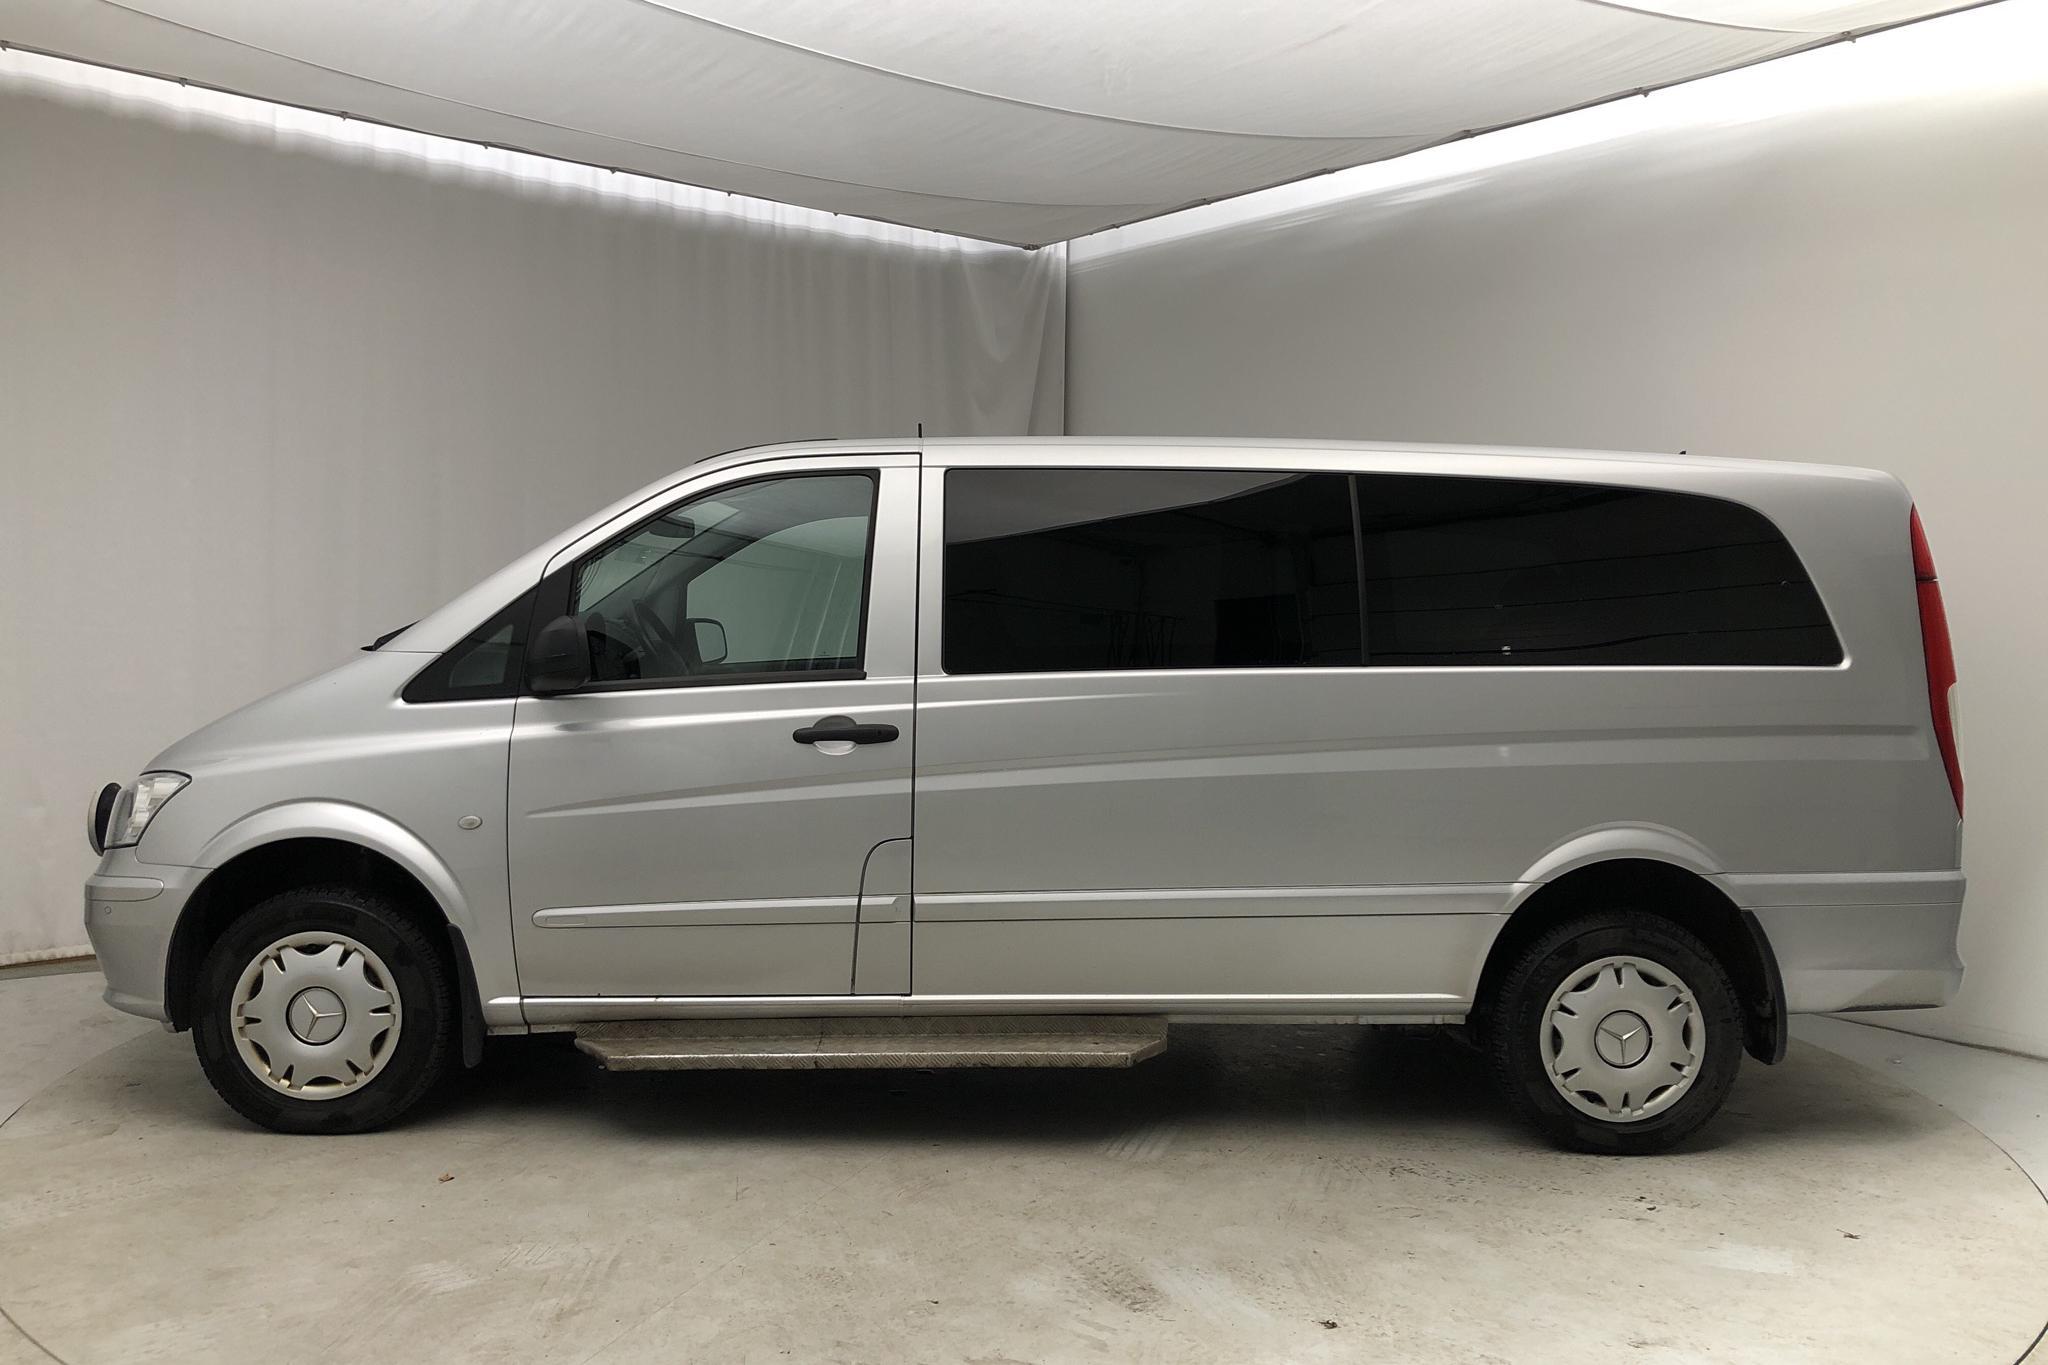 Mercedes Vito 116 CDI 4x4 W639 (163hk) - 270 360 km - Automatic - silver - 2014